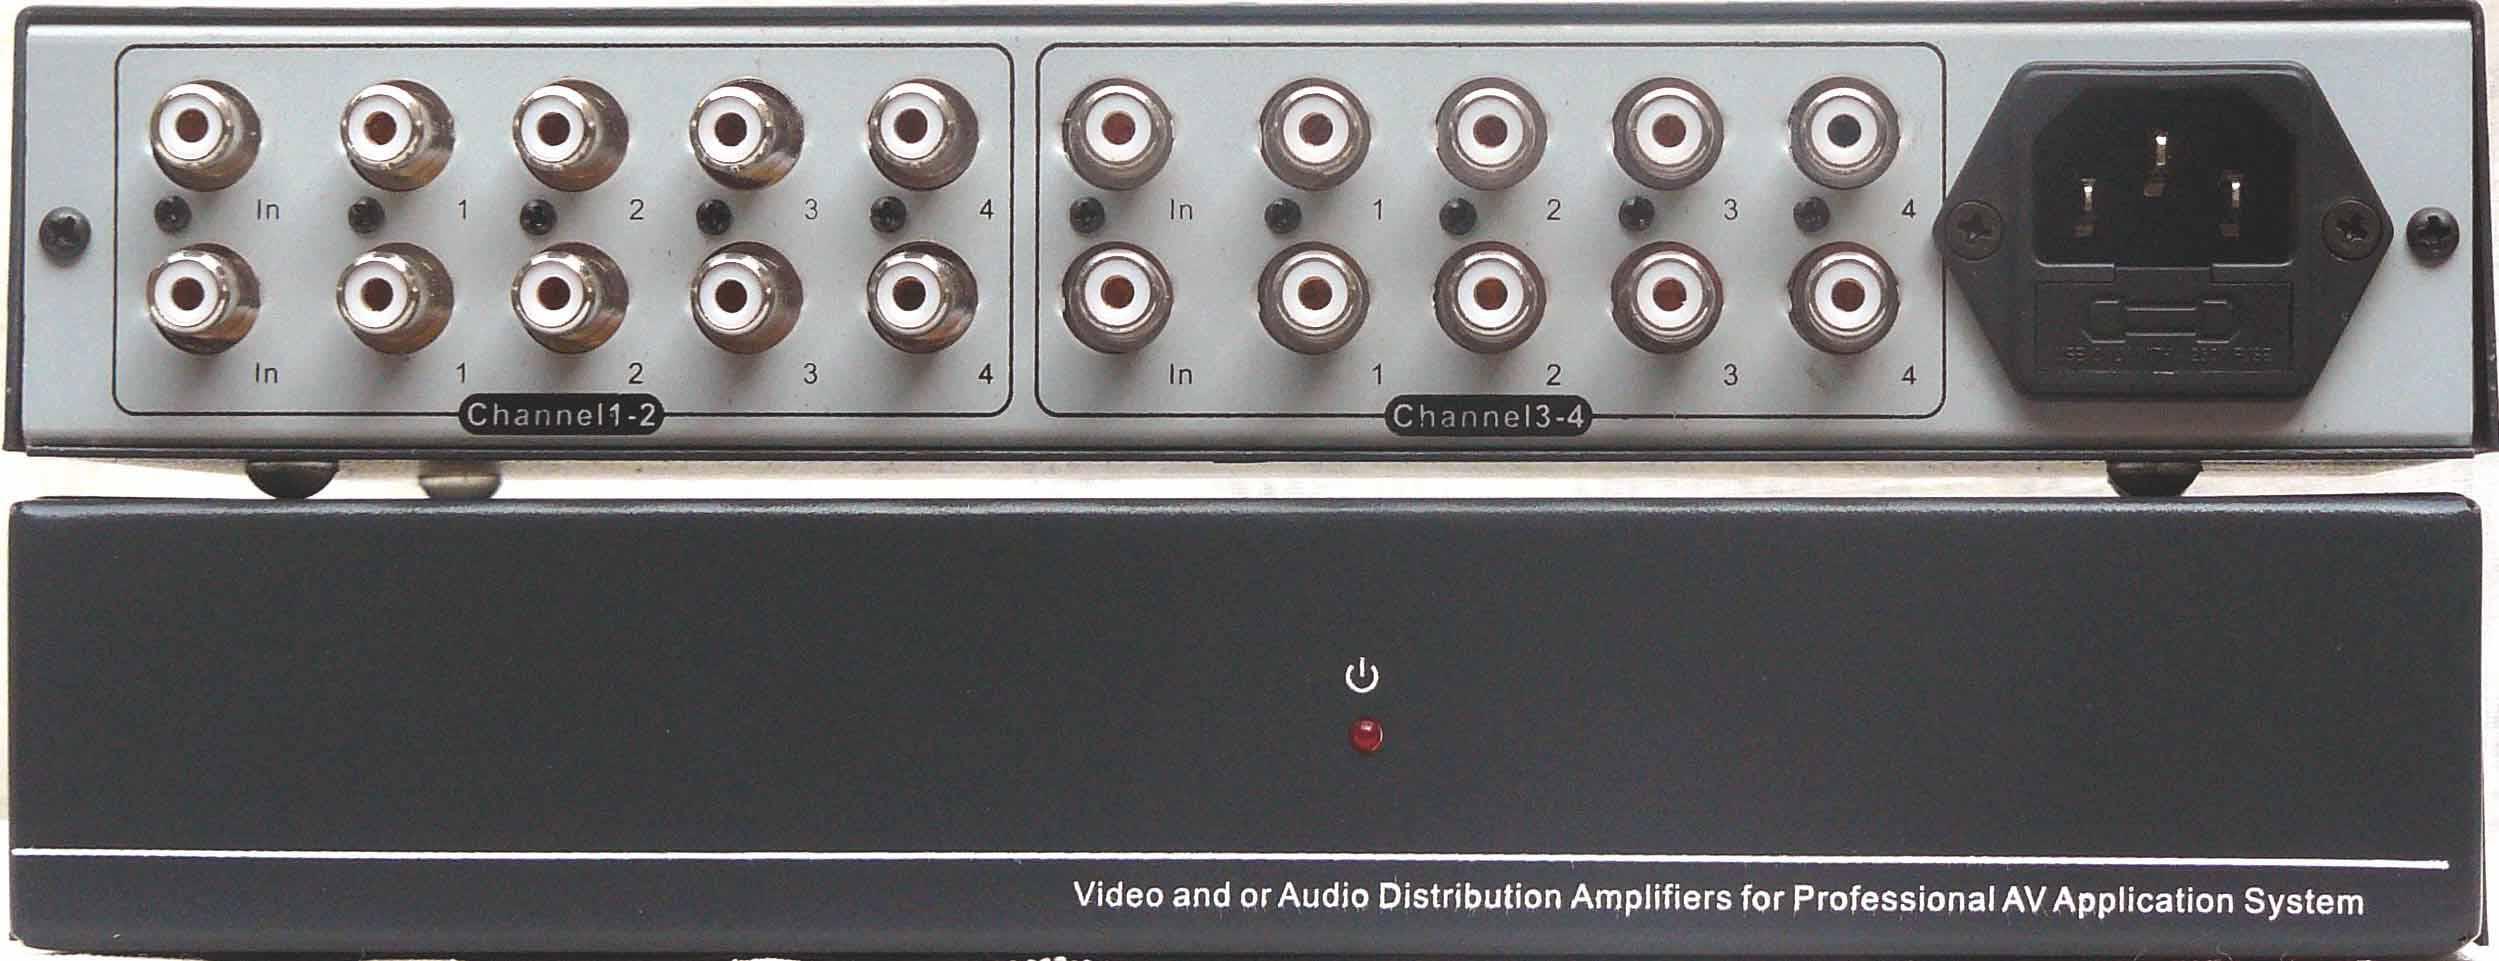 标的音频分配放大器